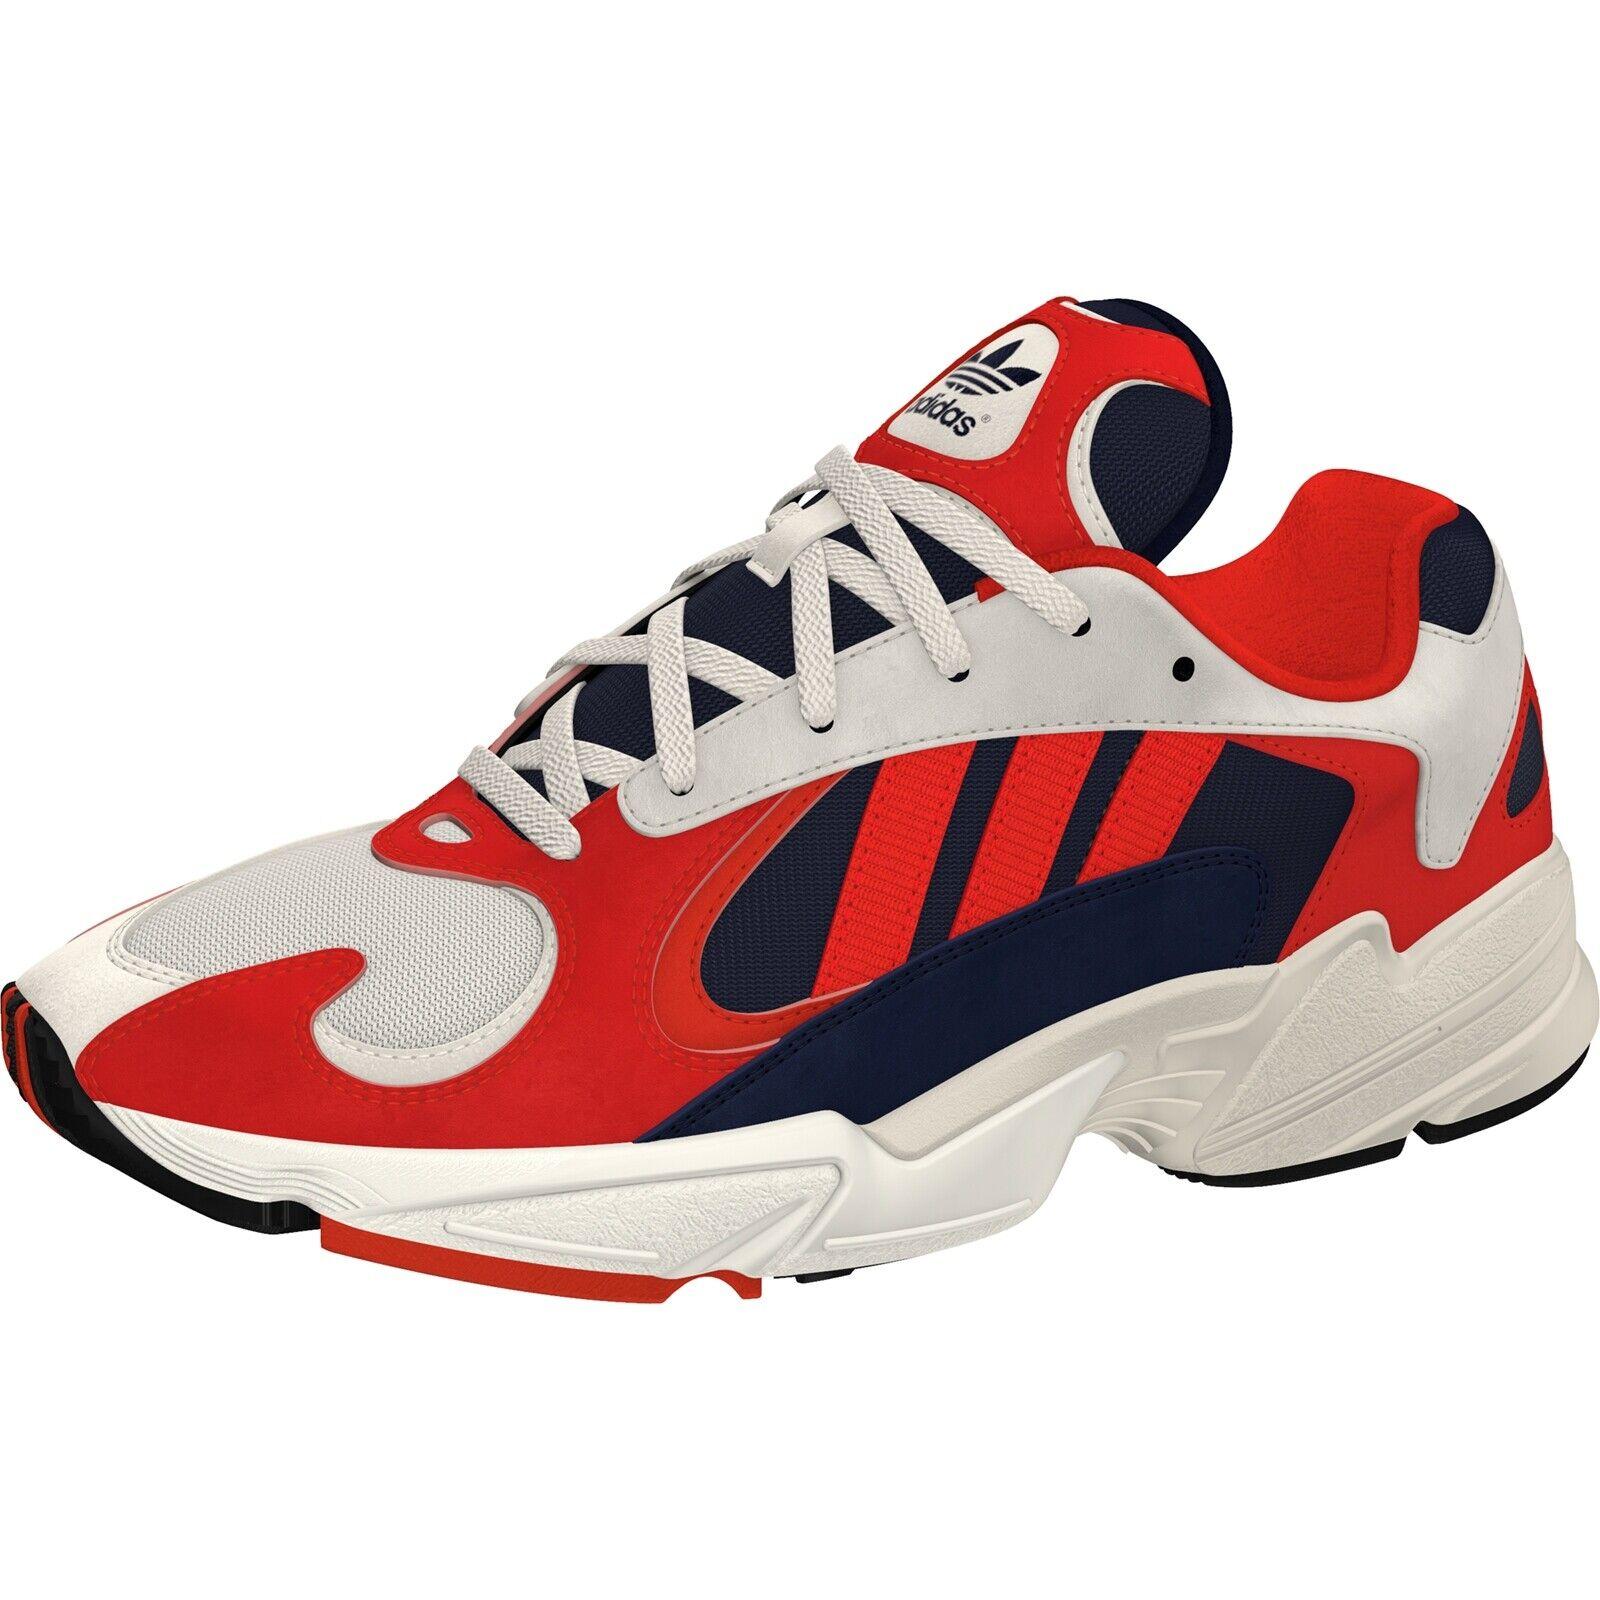 Adidas YUNG-1 Schuhe Herren Turnschuhe weiss schwarz conavy 51571